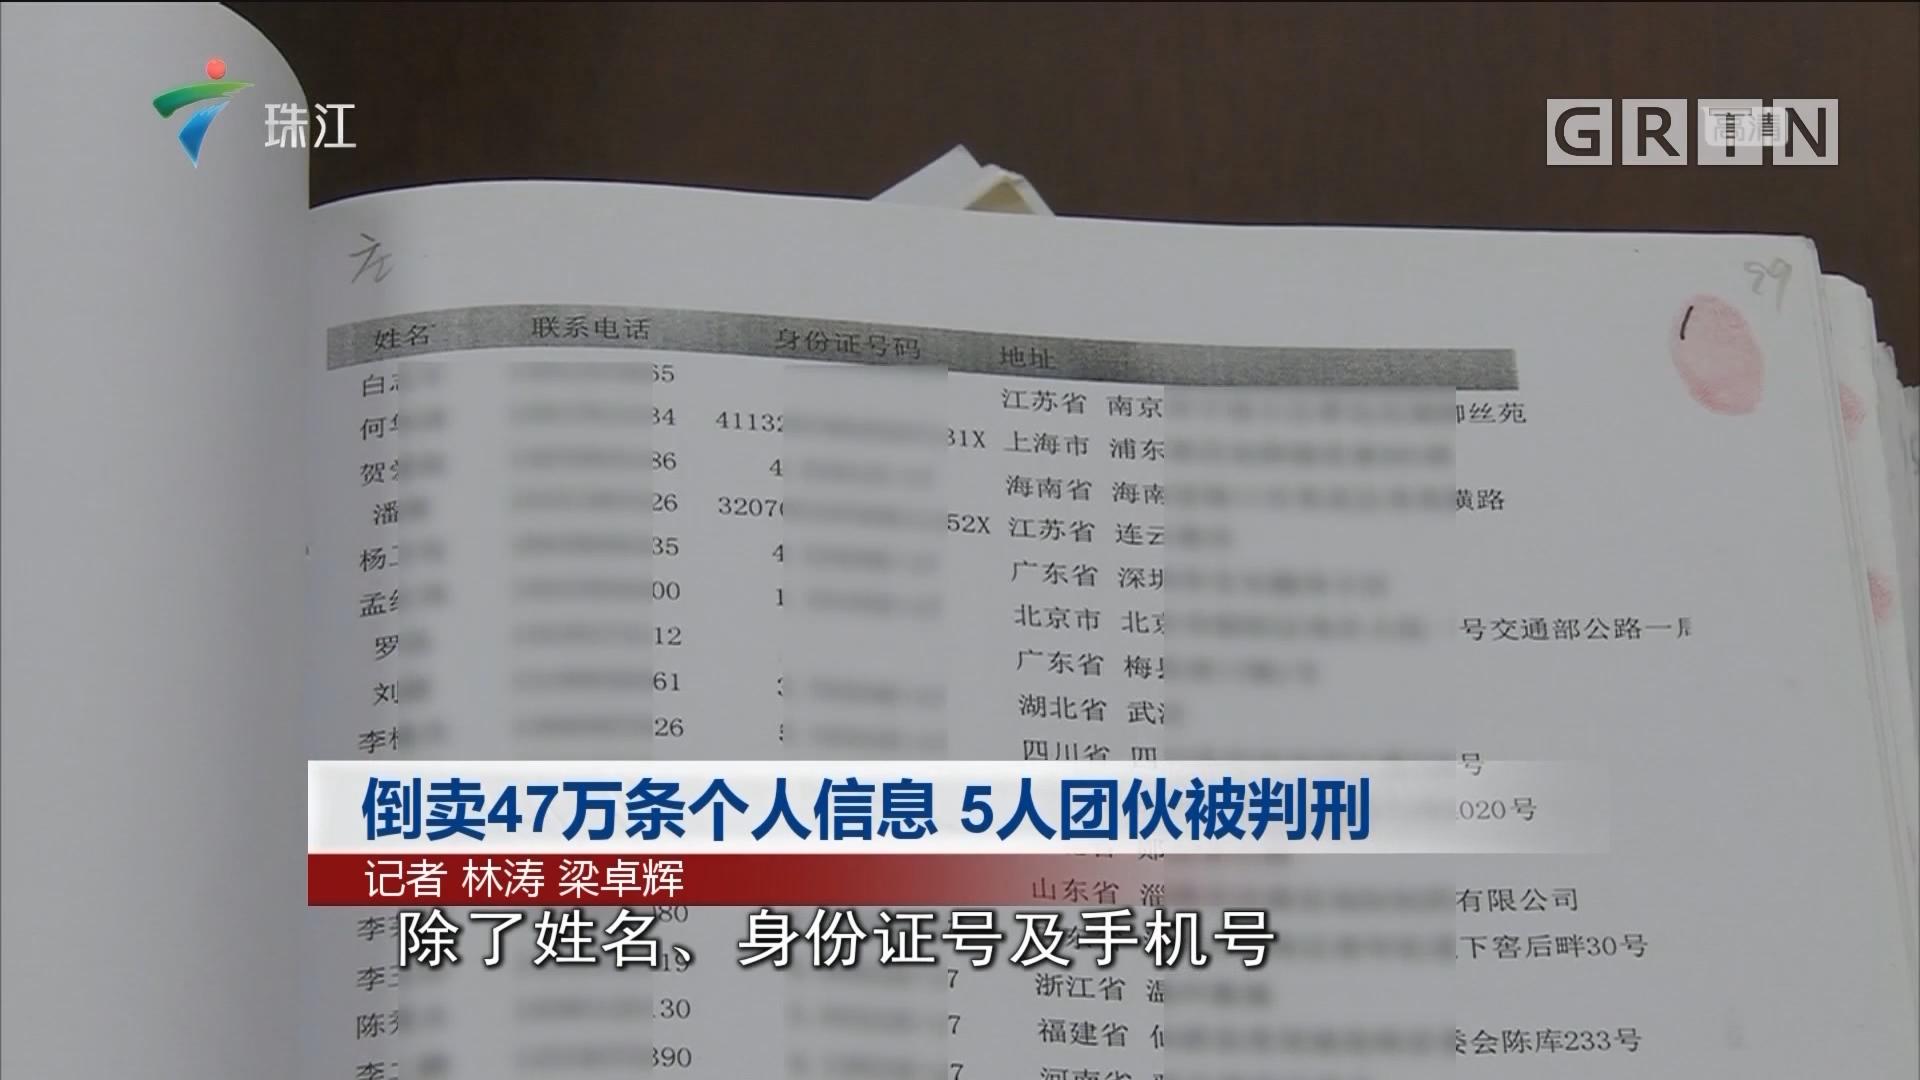 倒卖47万条个人信息 5人团伙被判刑